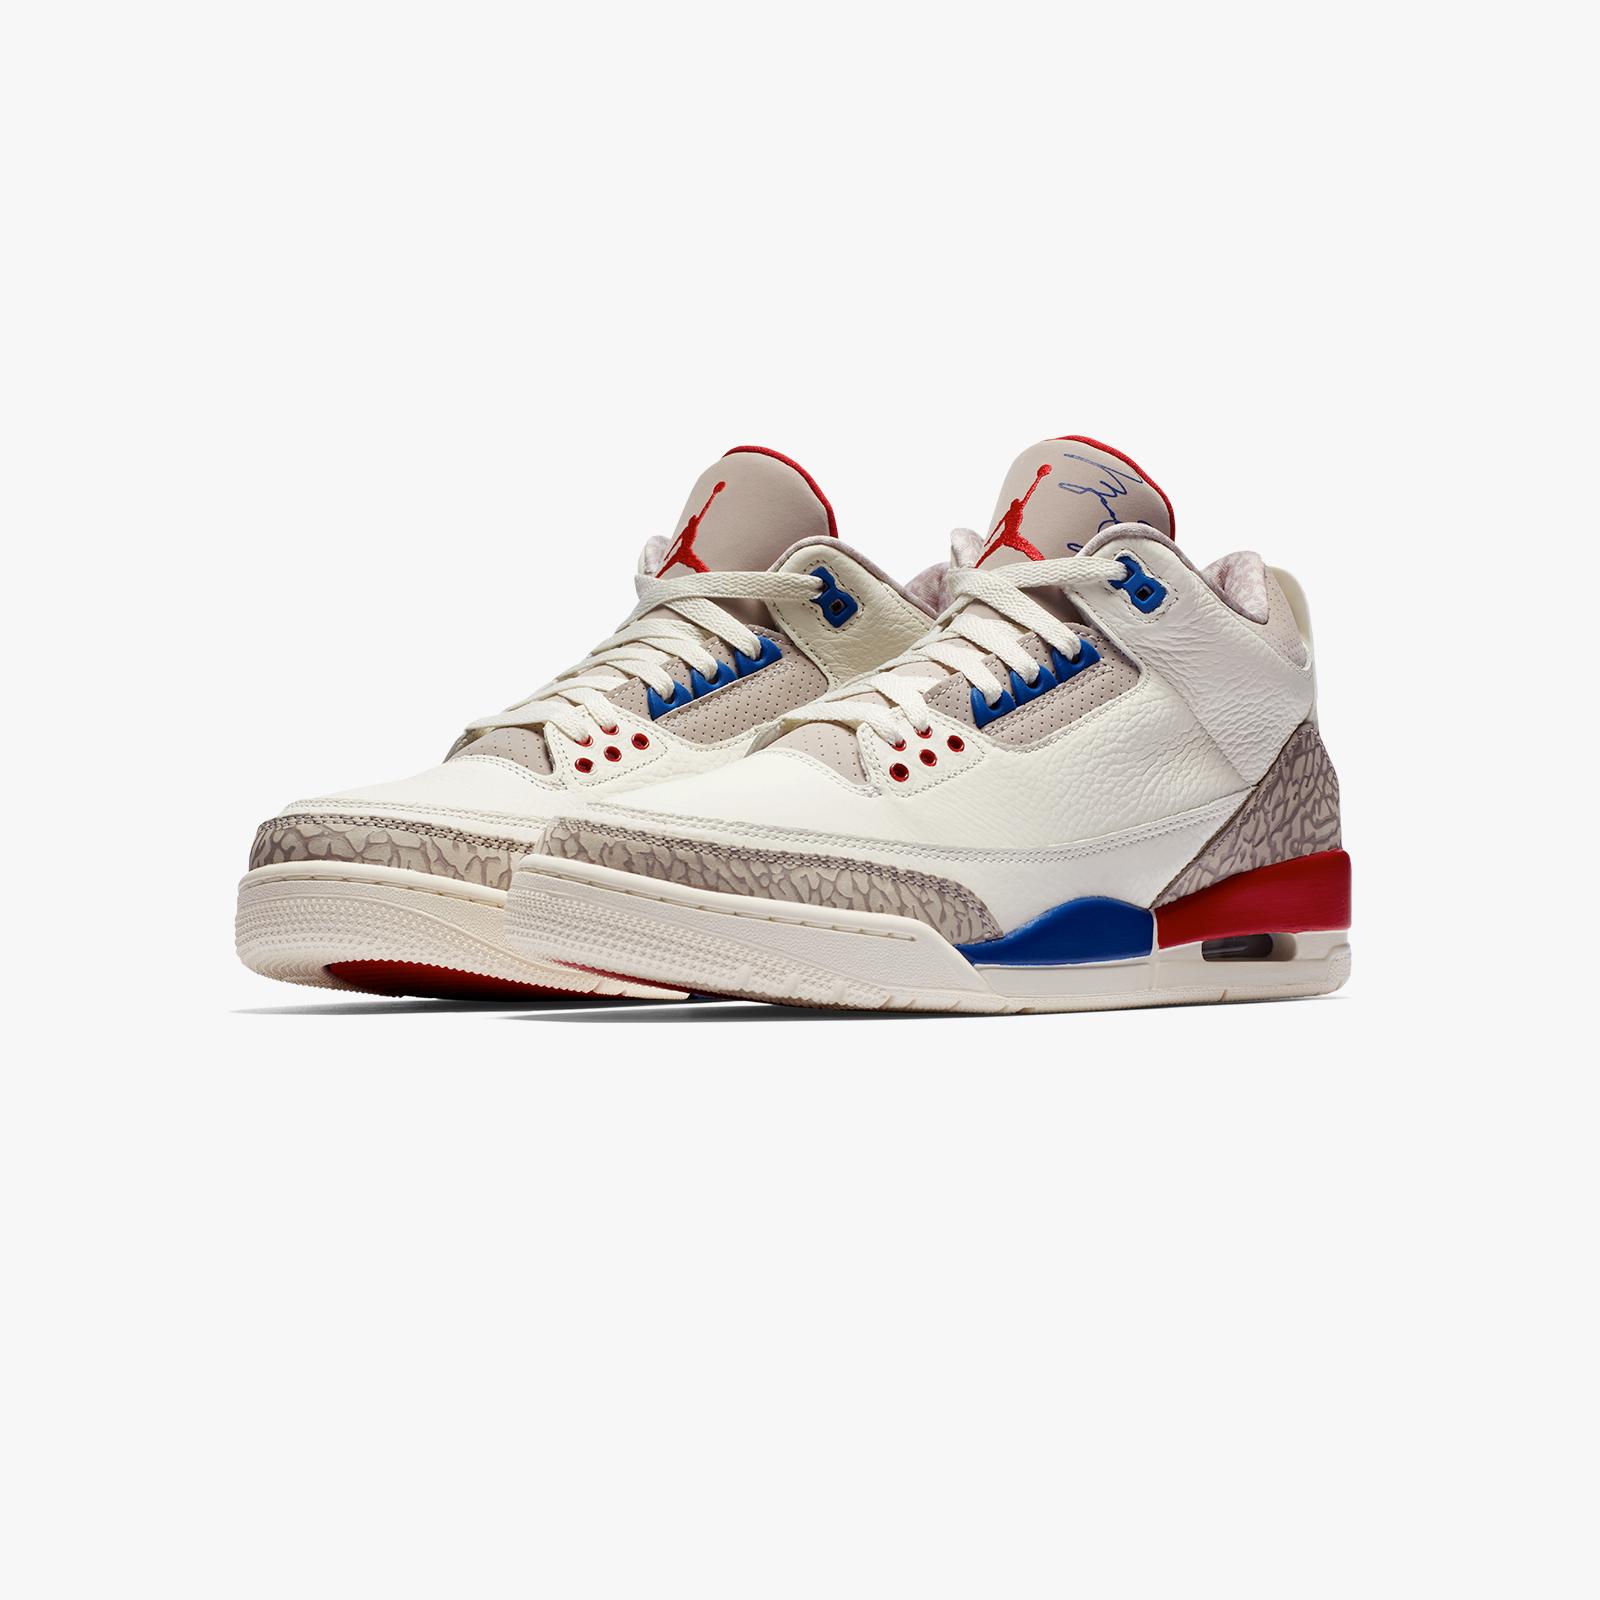 23c17b976399 Jordan Brand Air Jordan 3 Retro - 136064-140 - Sneakersnstuff ...